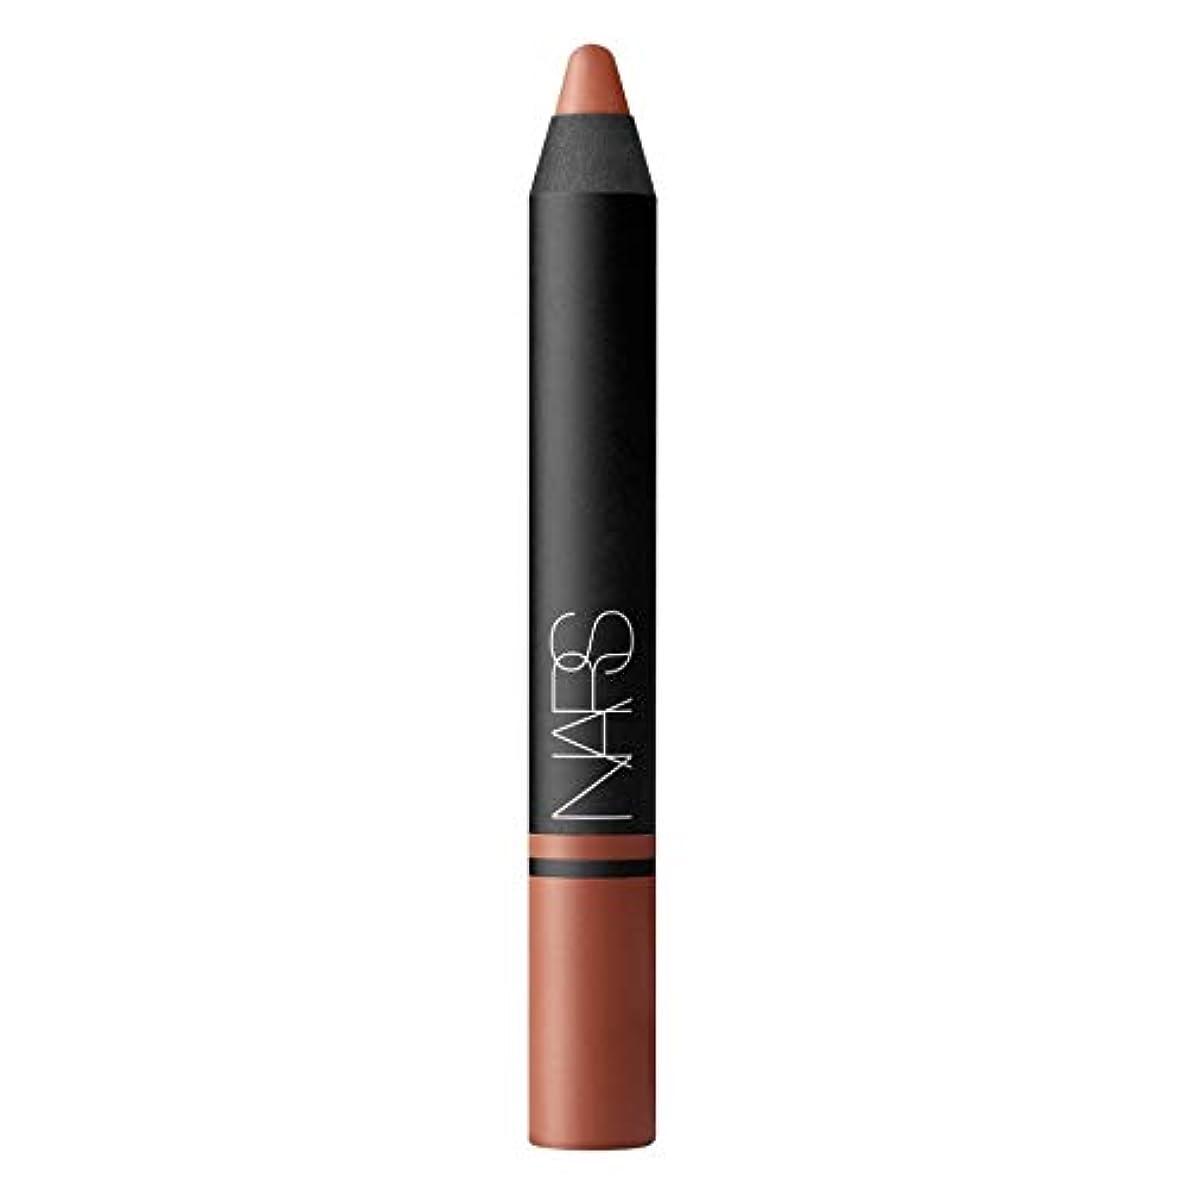 ベジタリアン部門エリート[NARS] HetのトイレでのリップペンシルサテンのNar - Nars Satin Lip Pencil in Het Loo [並行輸入品]